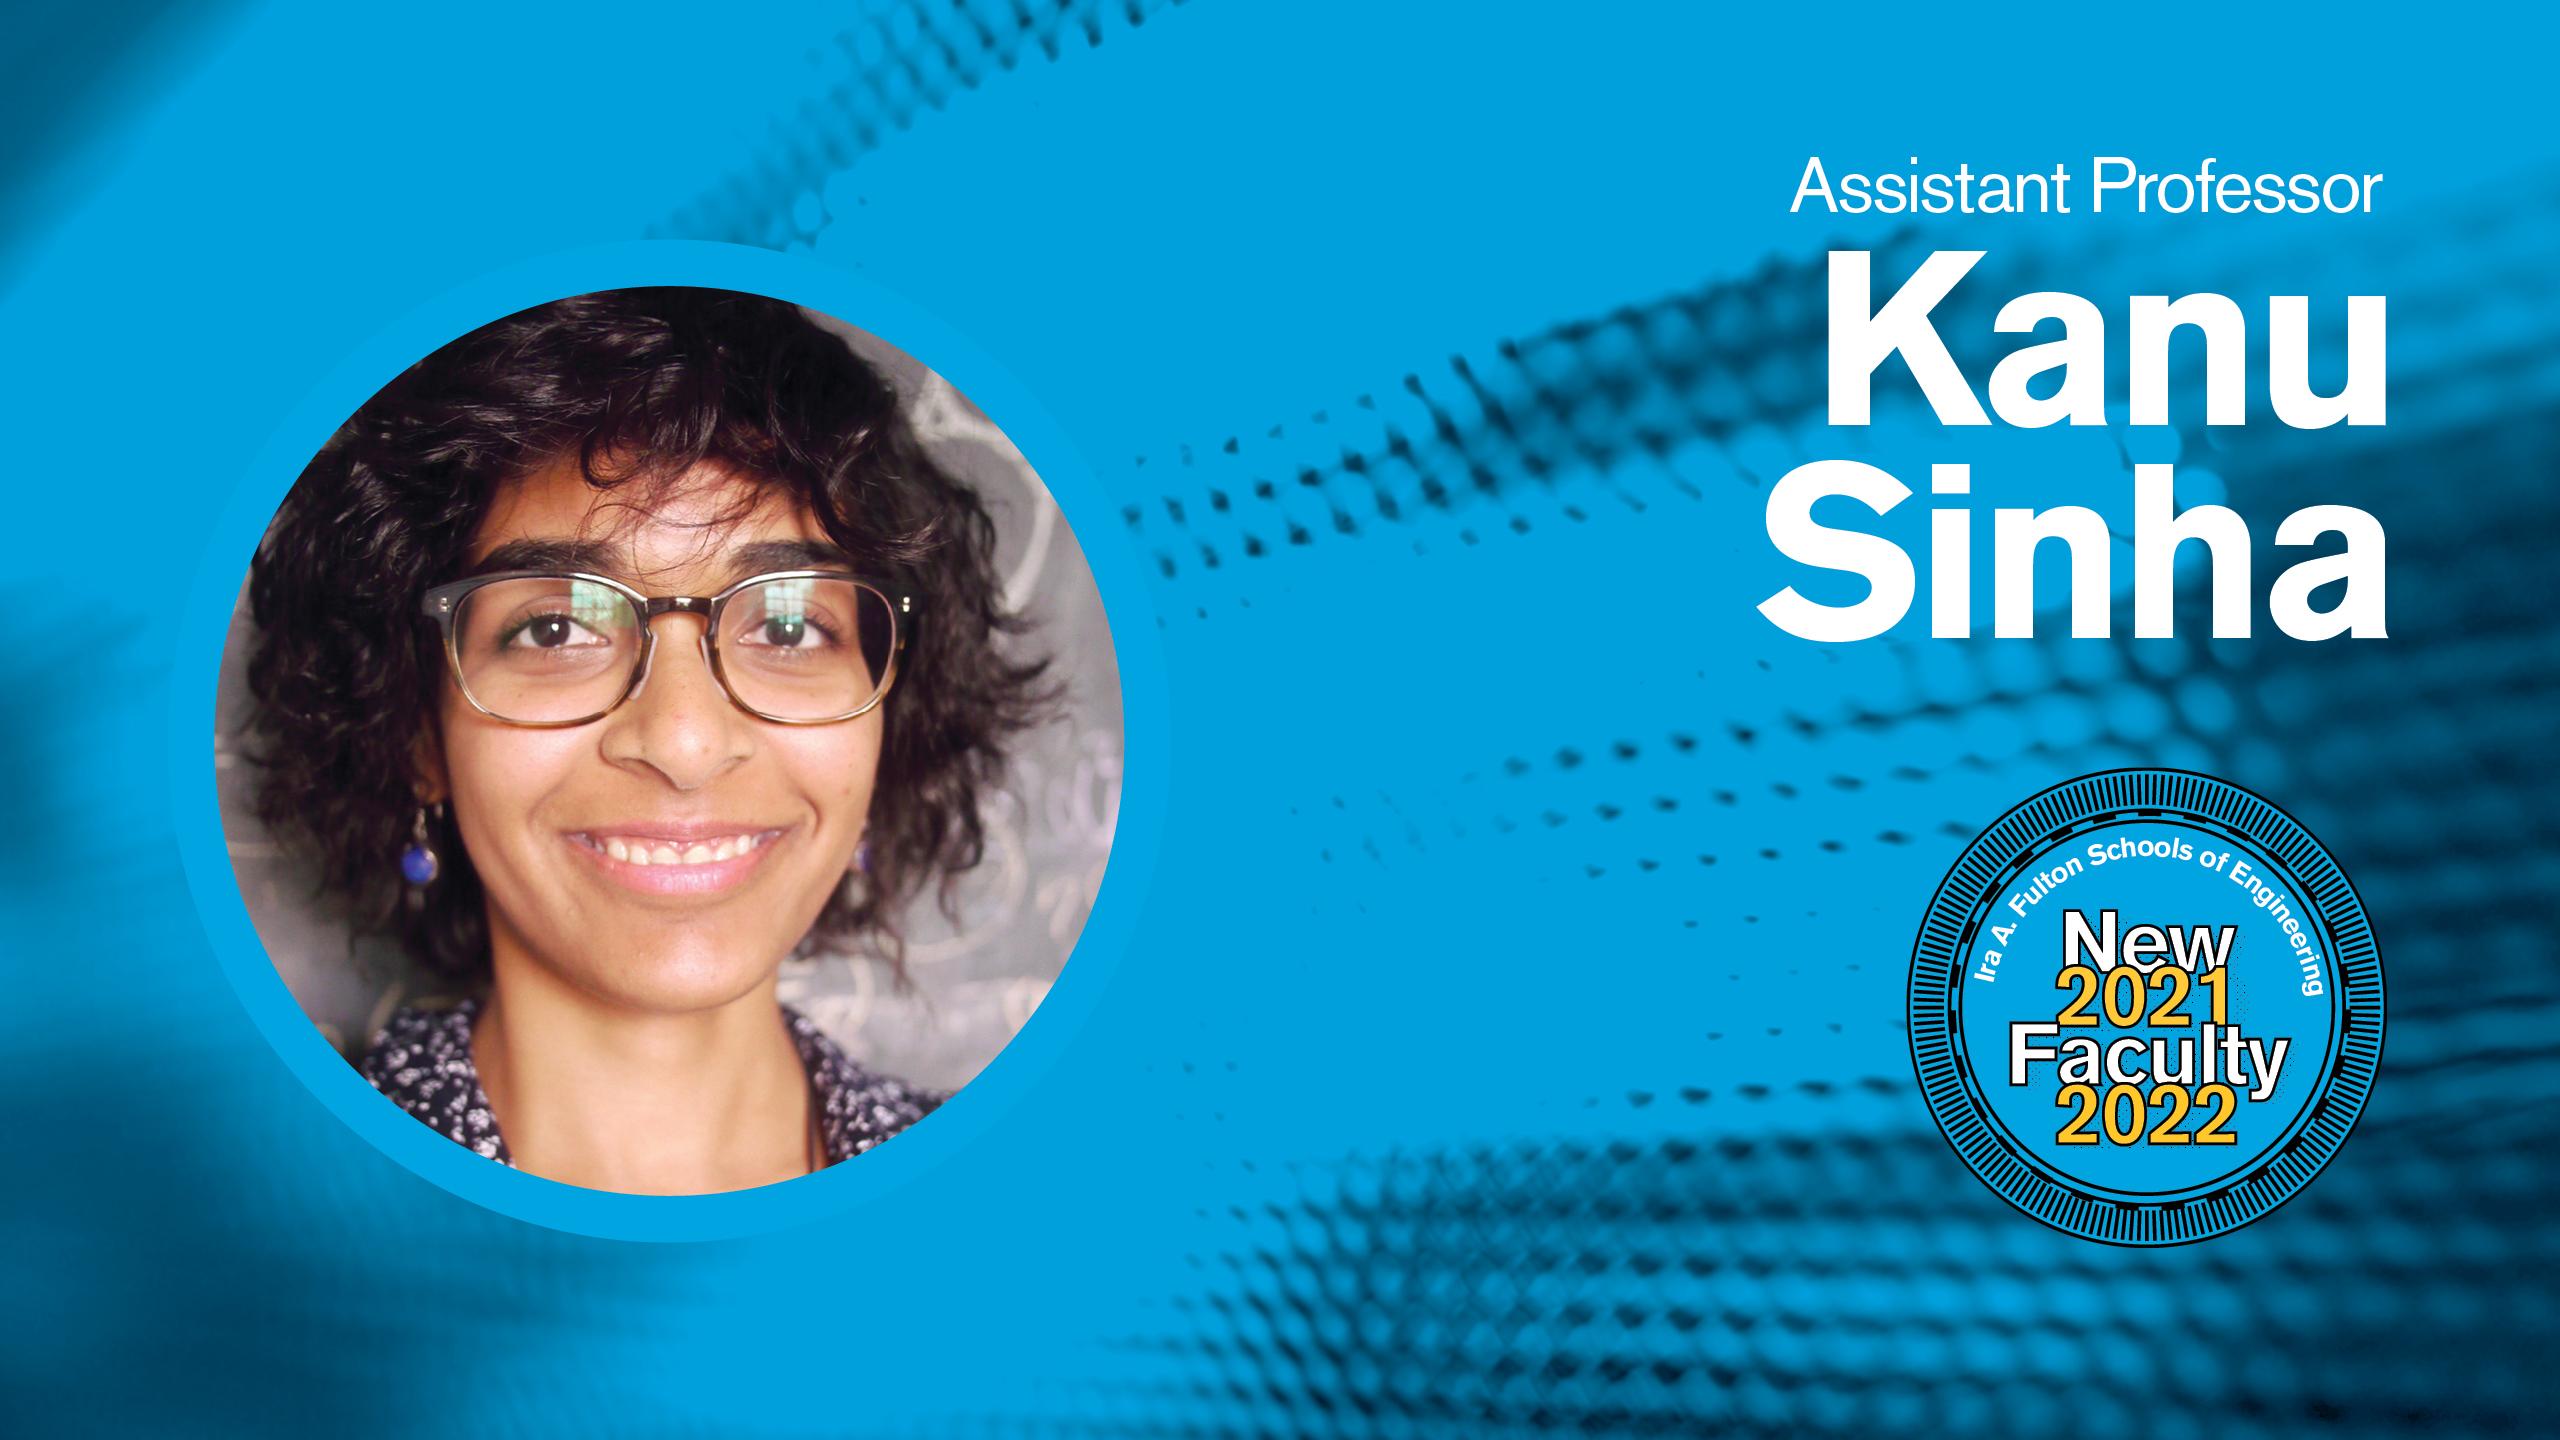 Kanu Sinha